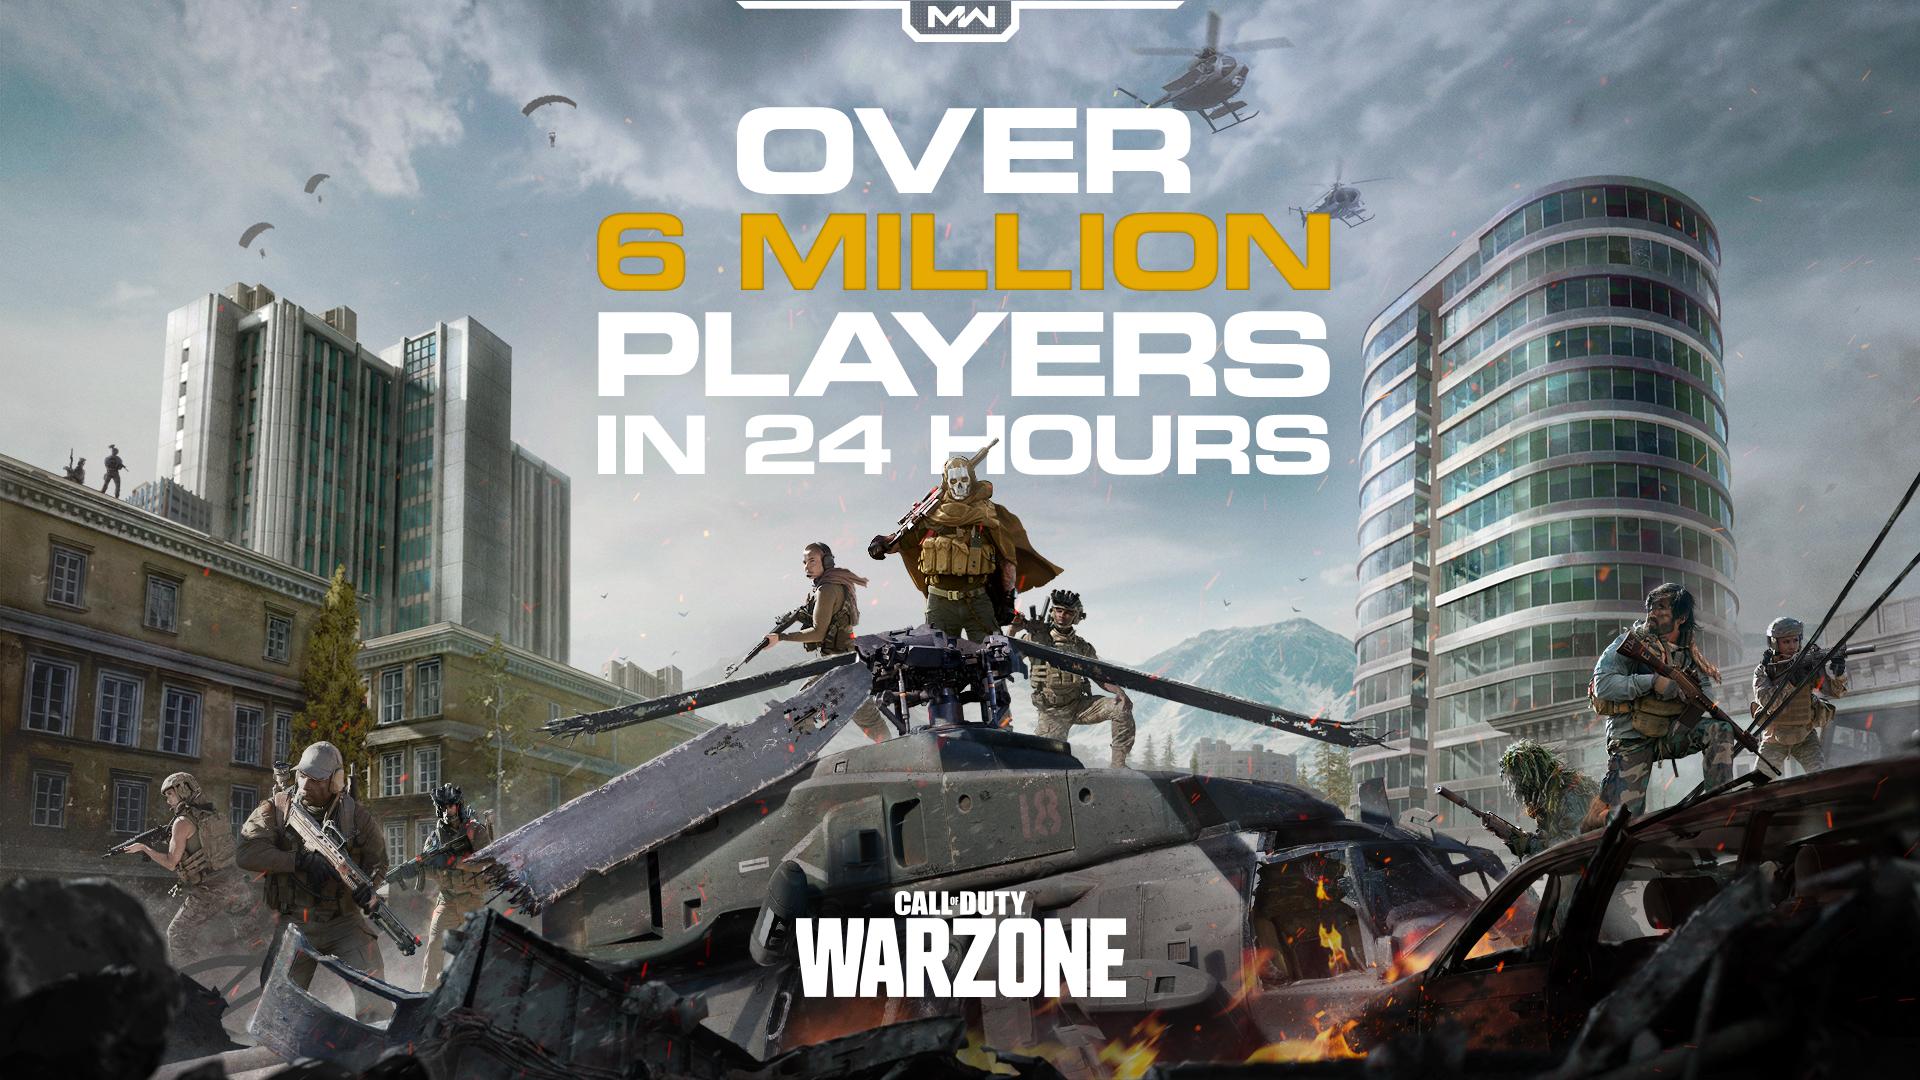 Planet 7 casino bonus codes 2020